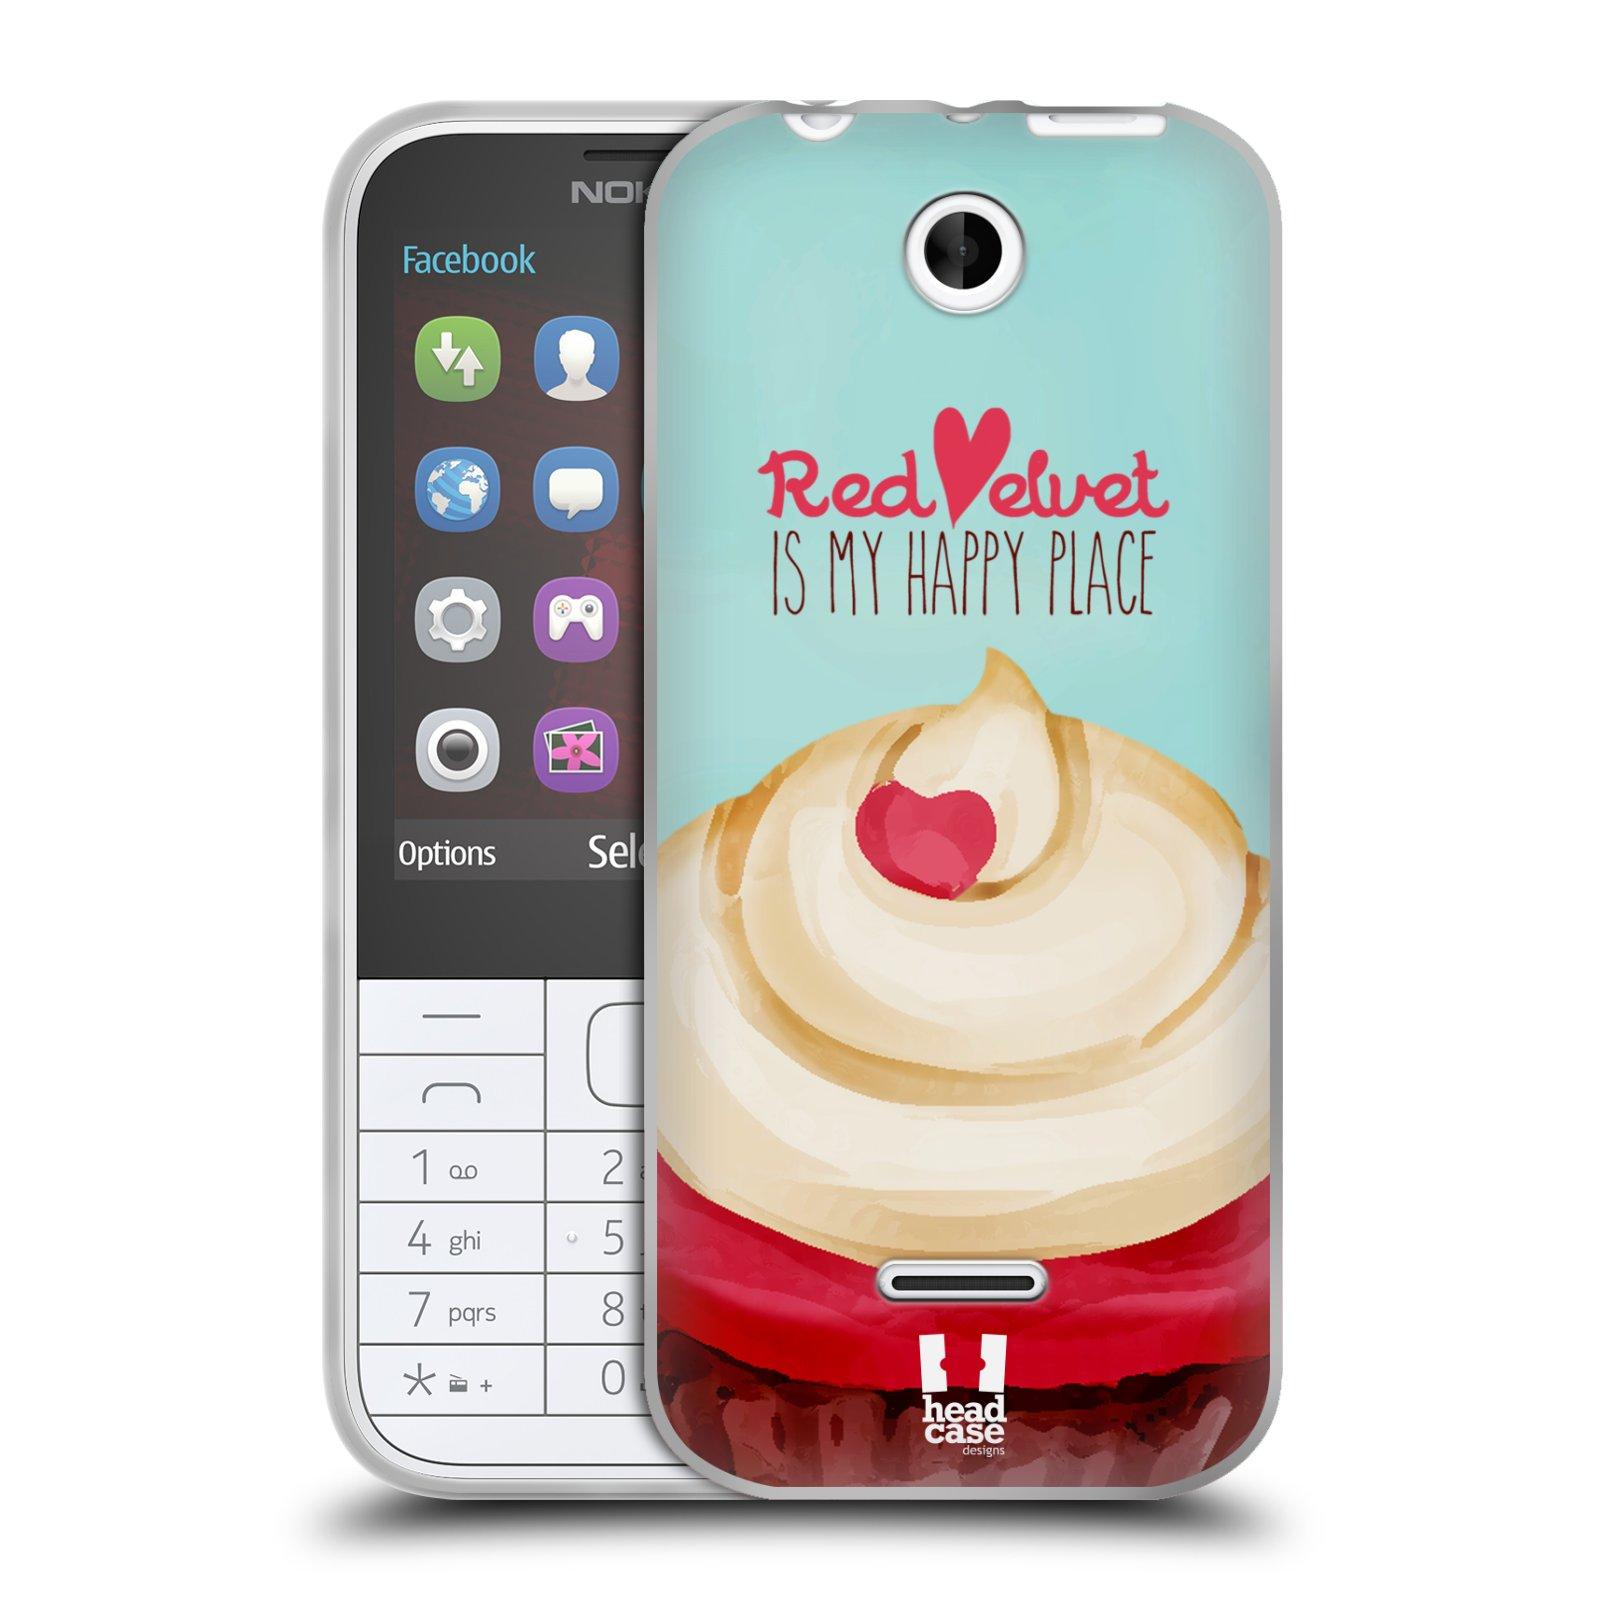 Silikonové pouzdro na mobil Nokia 225 HEAD CASE CUPCAKE RED VELVET (Silikonový kryt či obal na mobilní telefon Nokia 225)